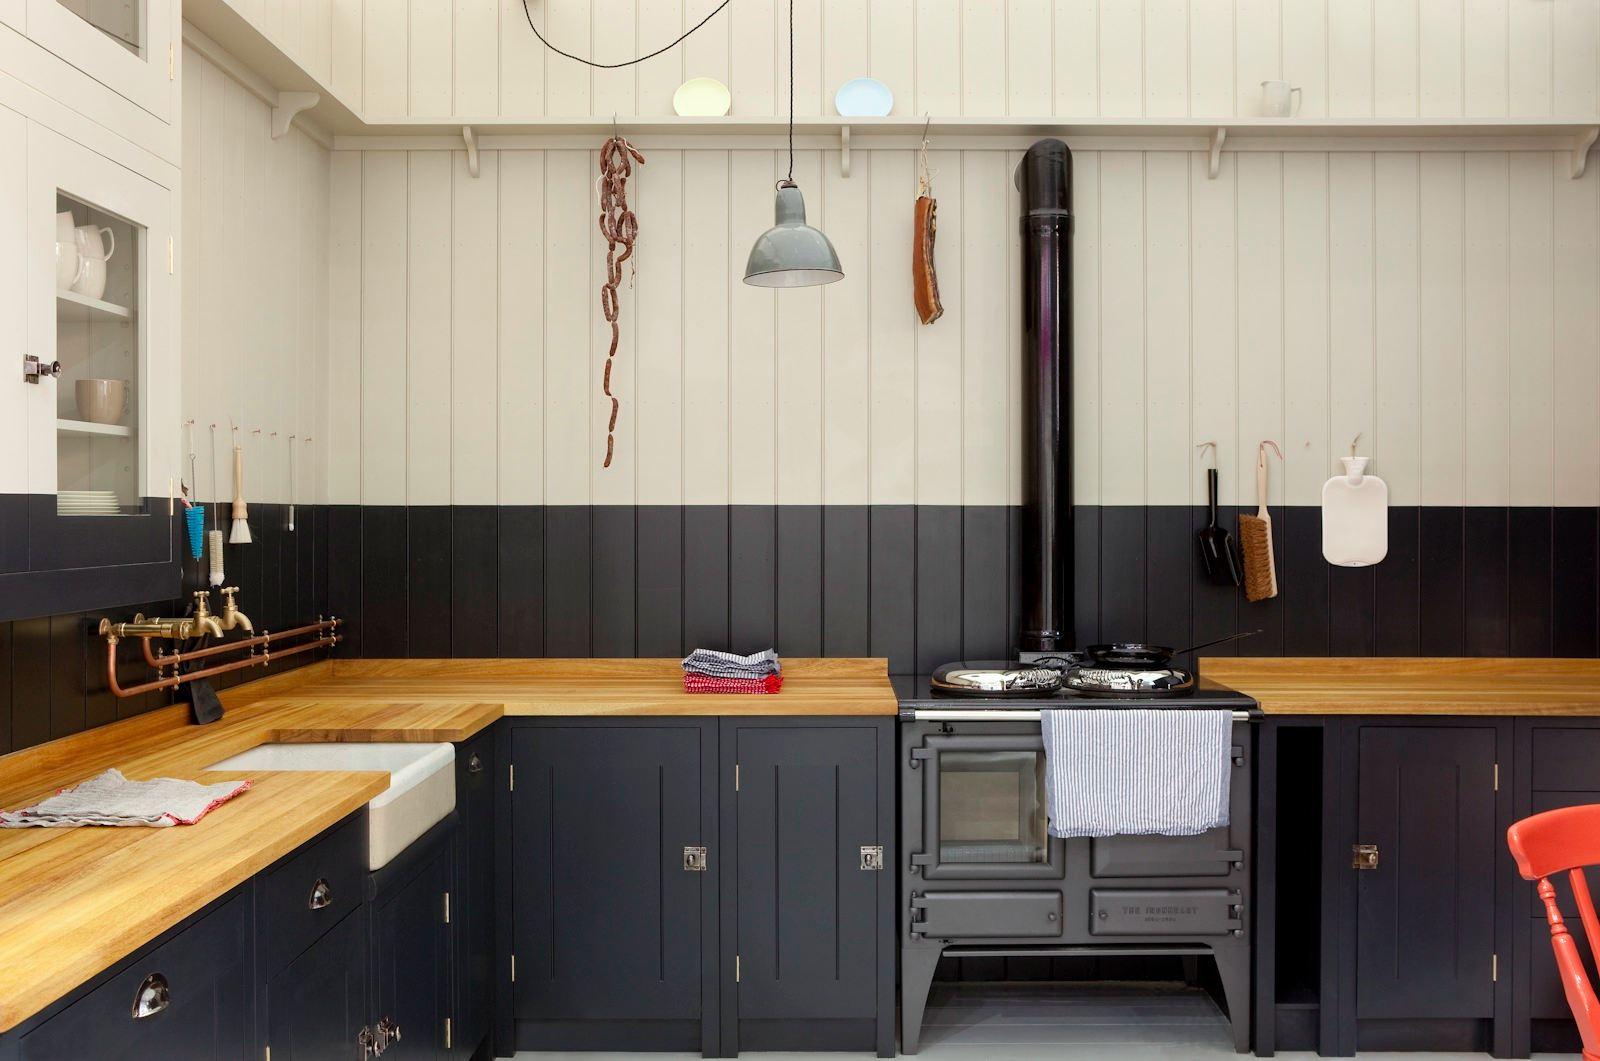 Butcher Block Countertops In Your Kitchen